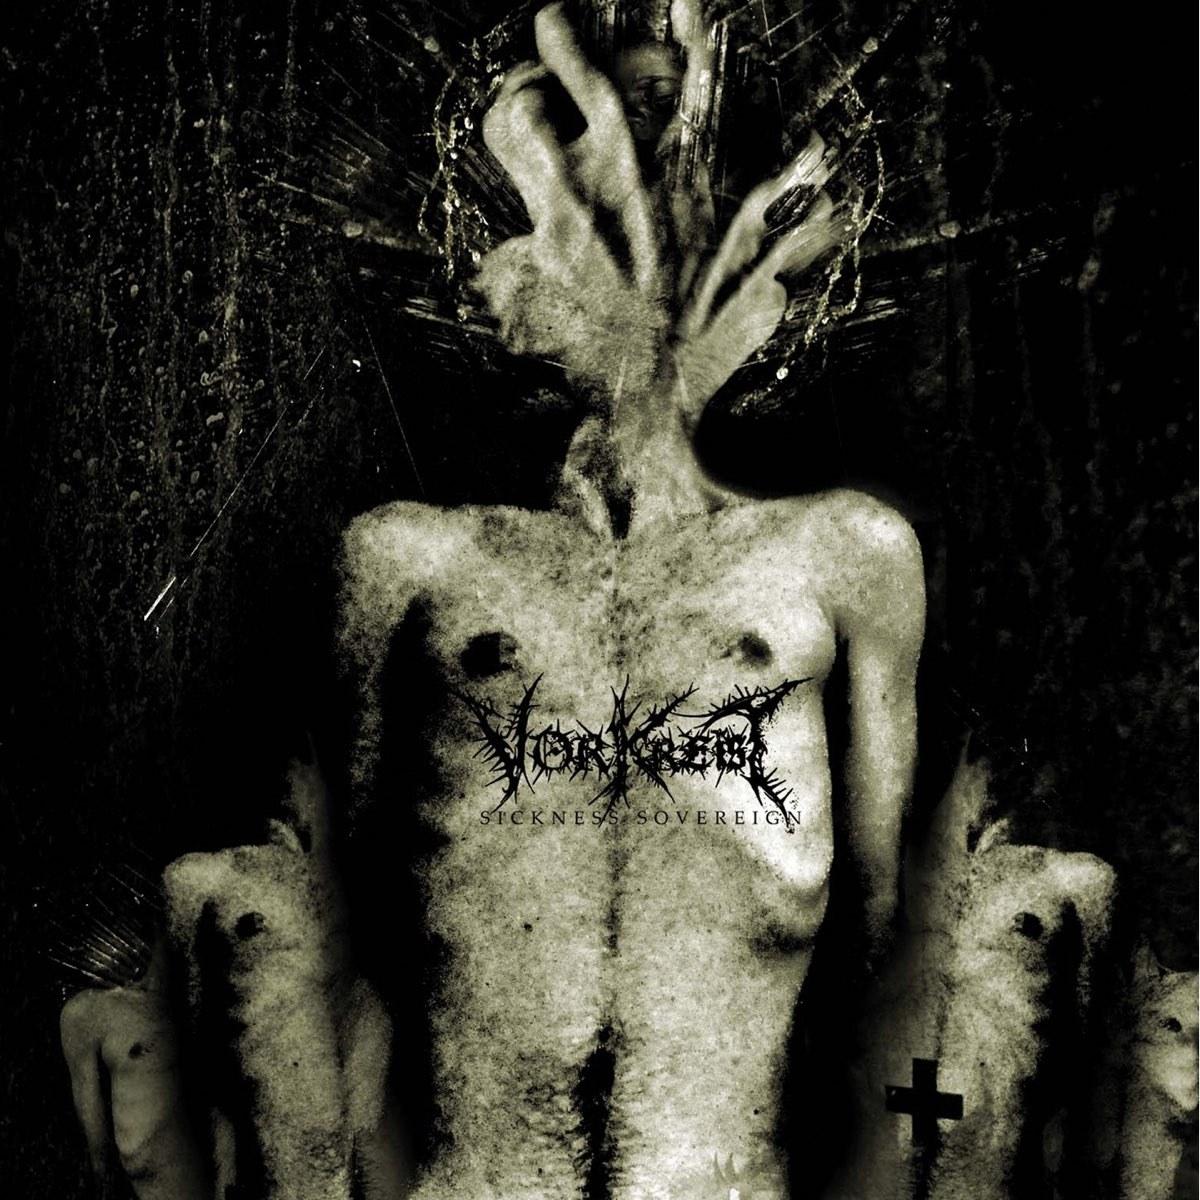 Review for Vorkreist - Sickness Sovereign